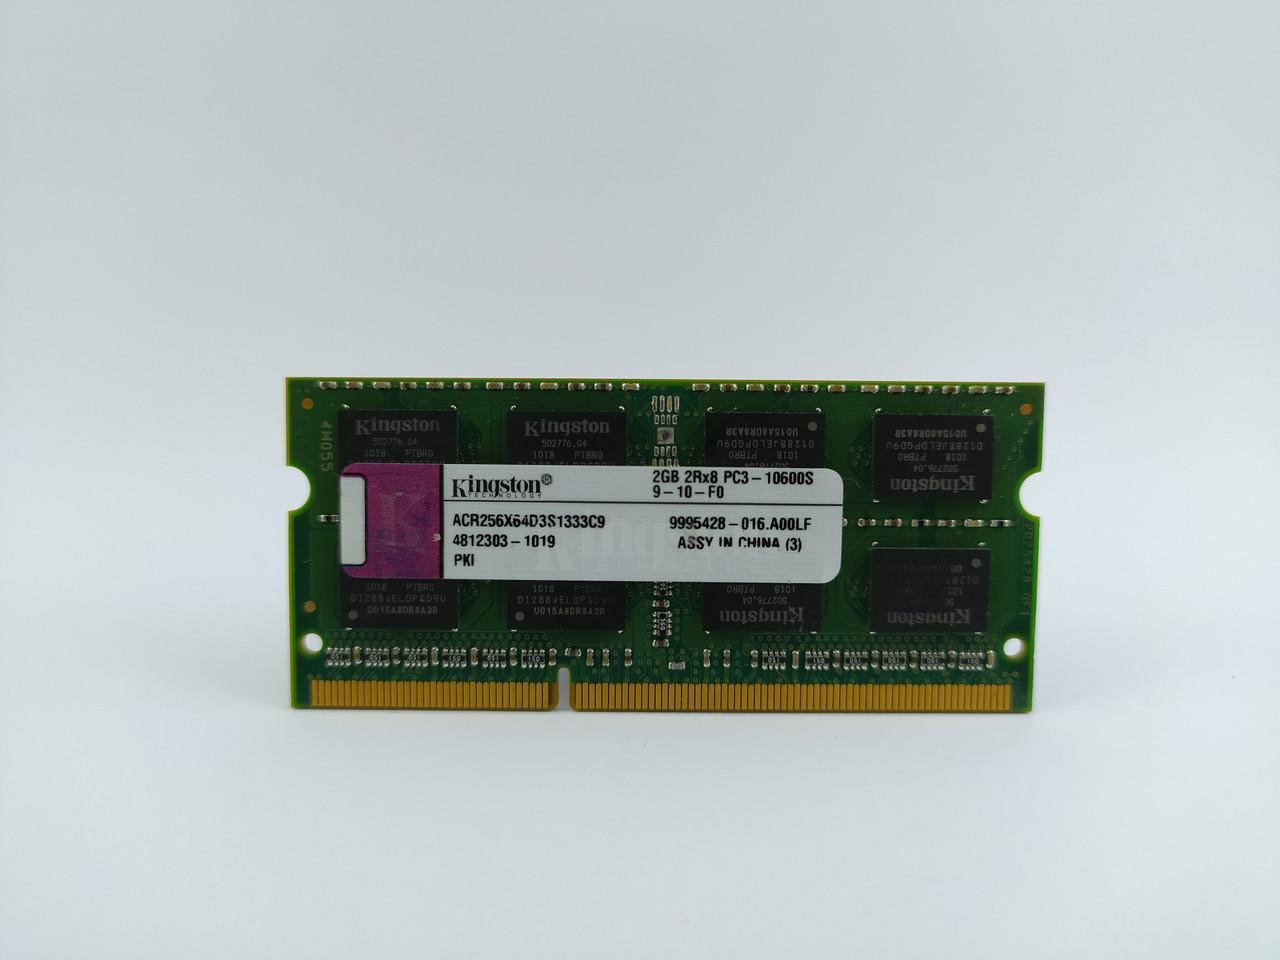 Оперативная память для ноутбука SODIMM Kingston DDR3 2Gb 1333MHz PC3-10600S (ACR256X64D3S1333C9) Б/У